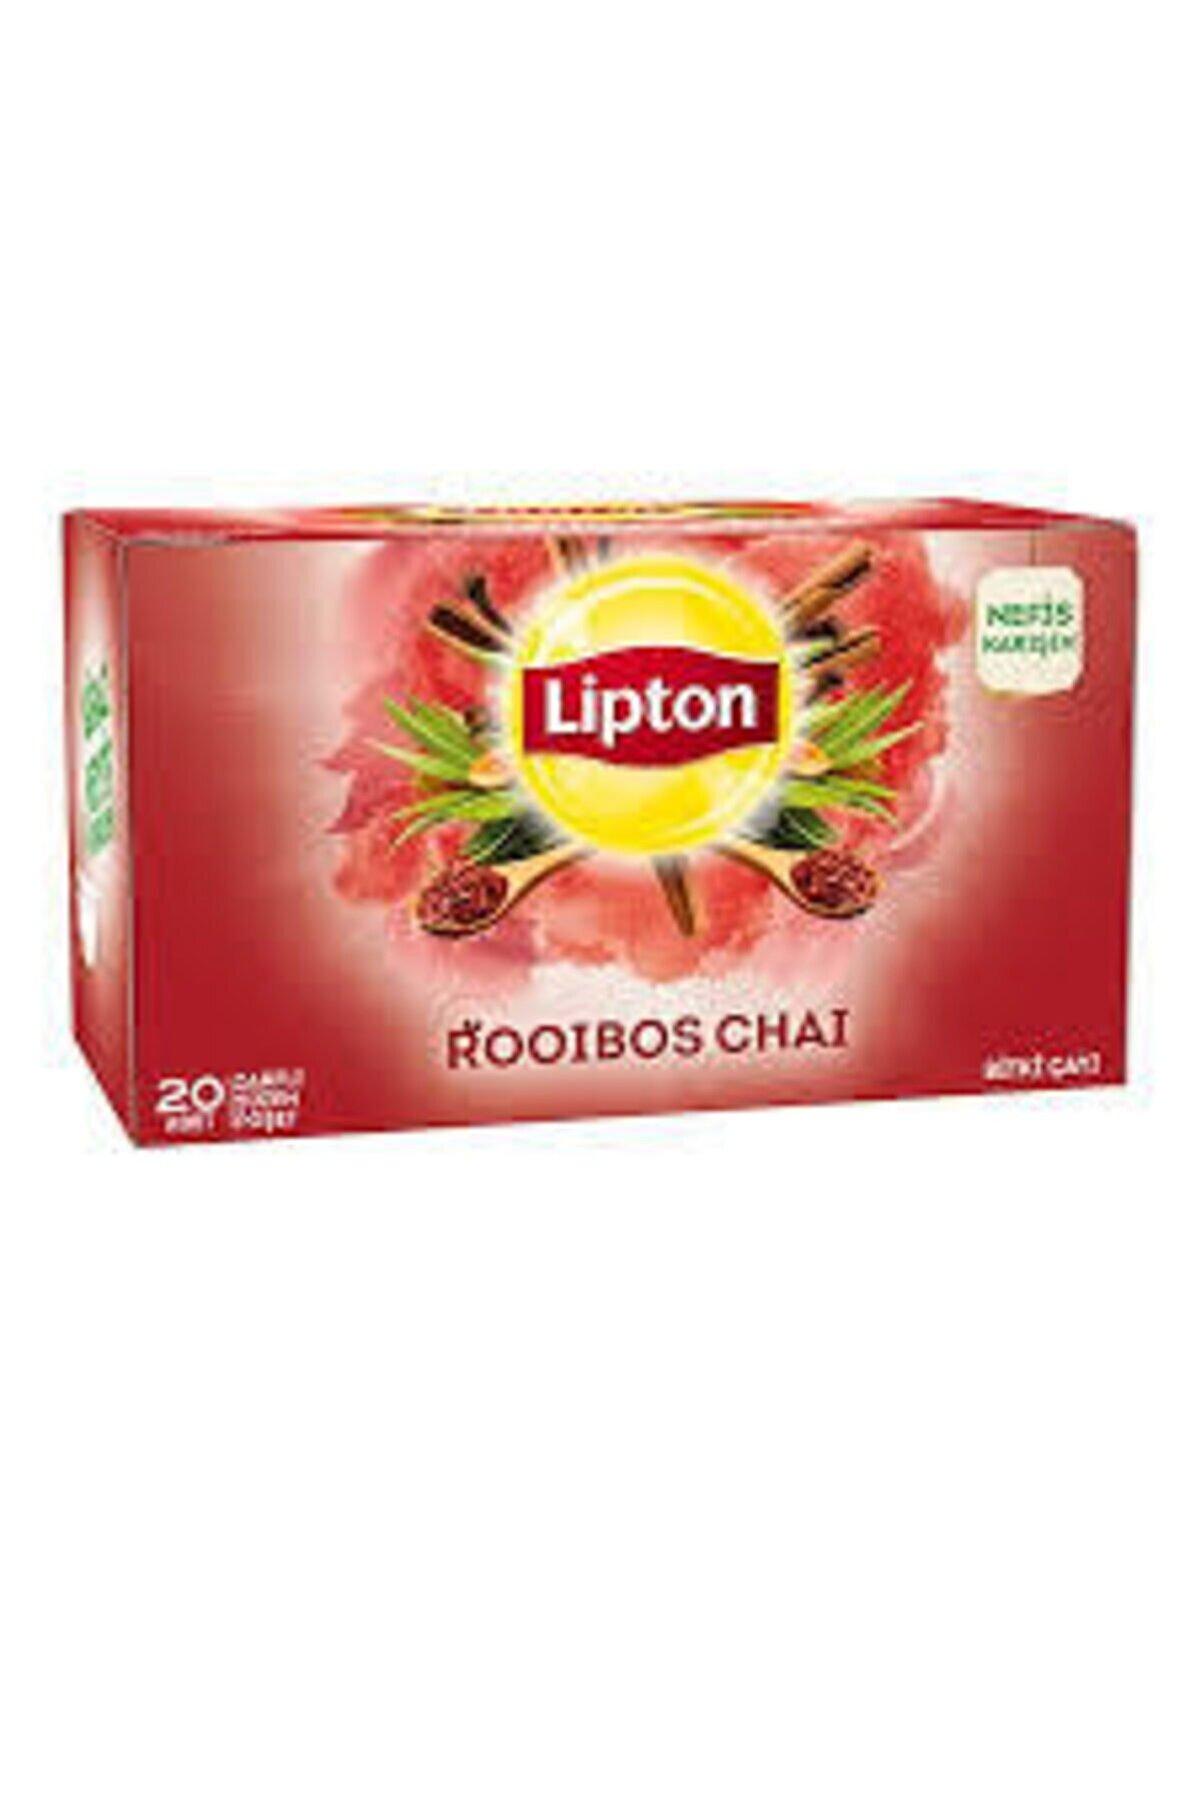 Lipton Rooibos Chai Bardak Poşet Çay 20'li